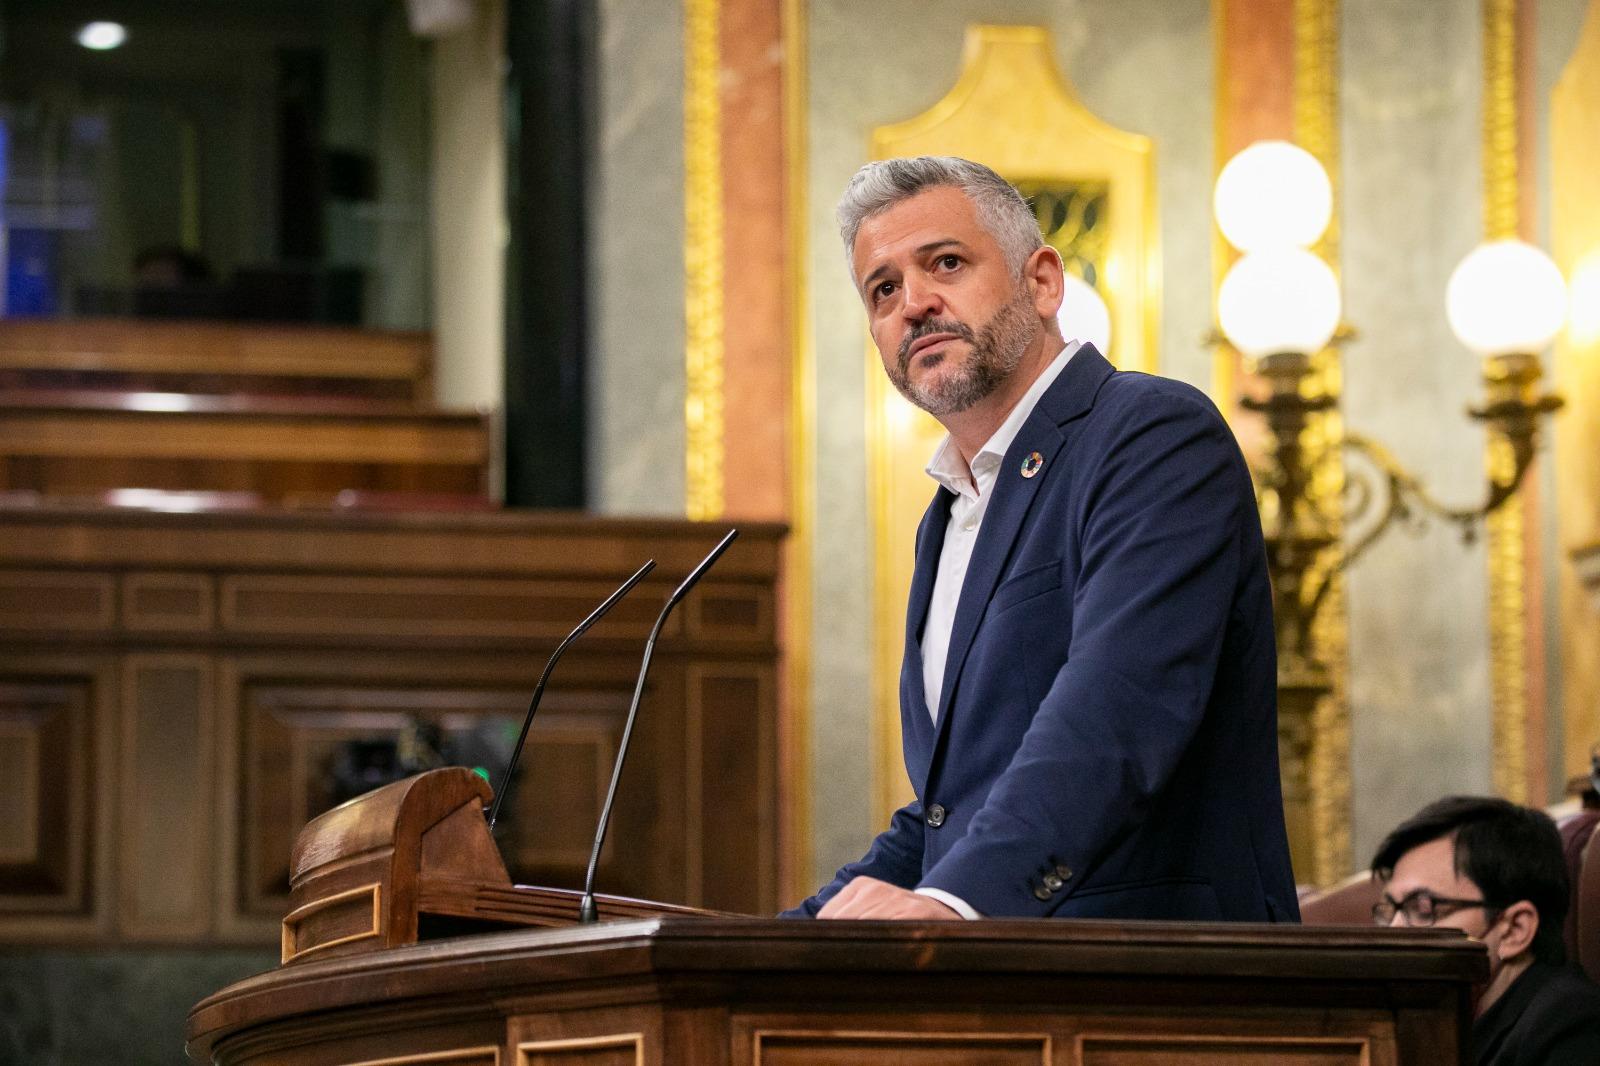 Renau (PSPV-PSOE) reitera en el Congreso que la bajada del IVA de la luz beneficiará a gran parte de los consumidores particulares, pymes y autónomos